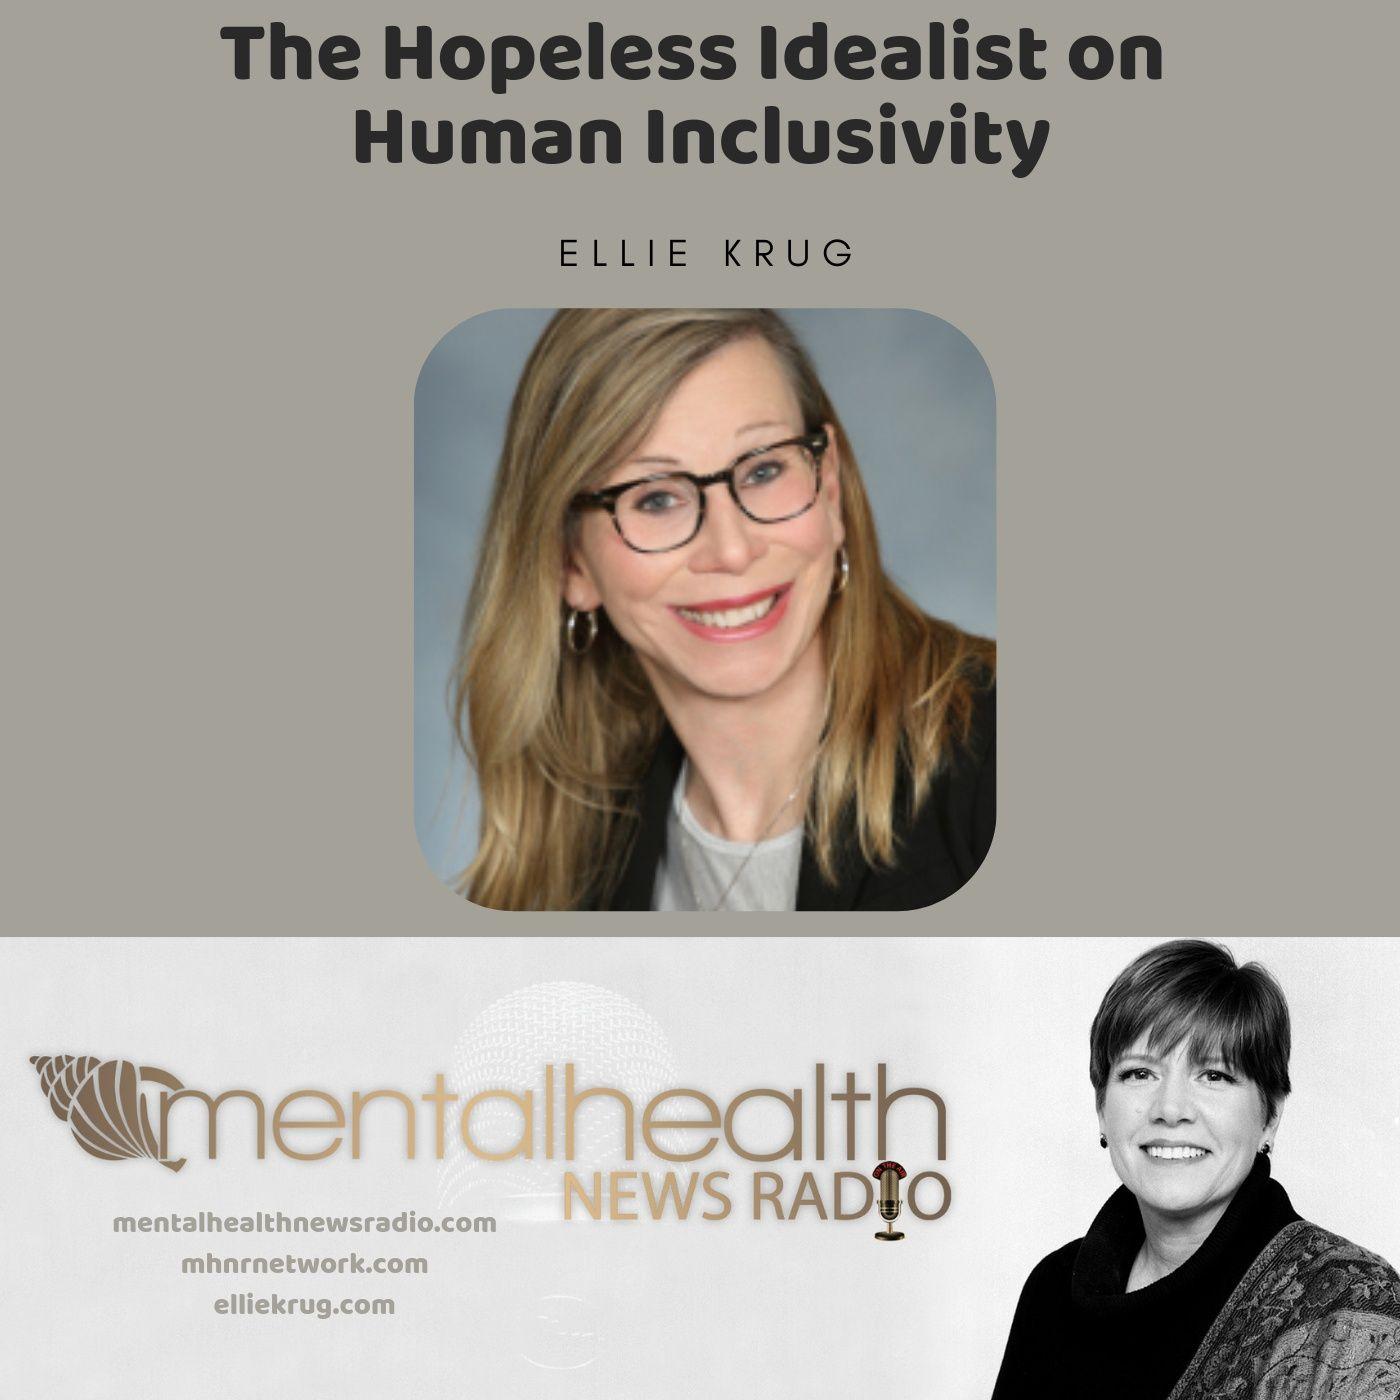 Mental Health News Radio - The Hopeless Idealist: Ellie Krug on Human Inclusivity